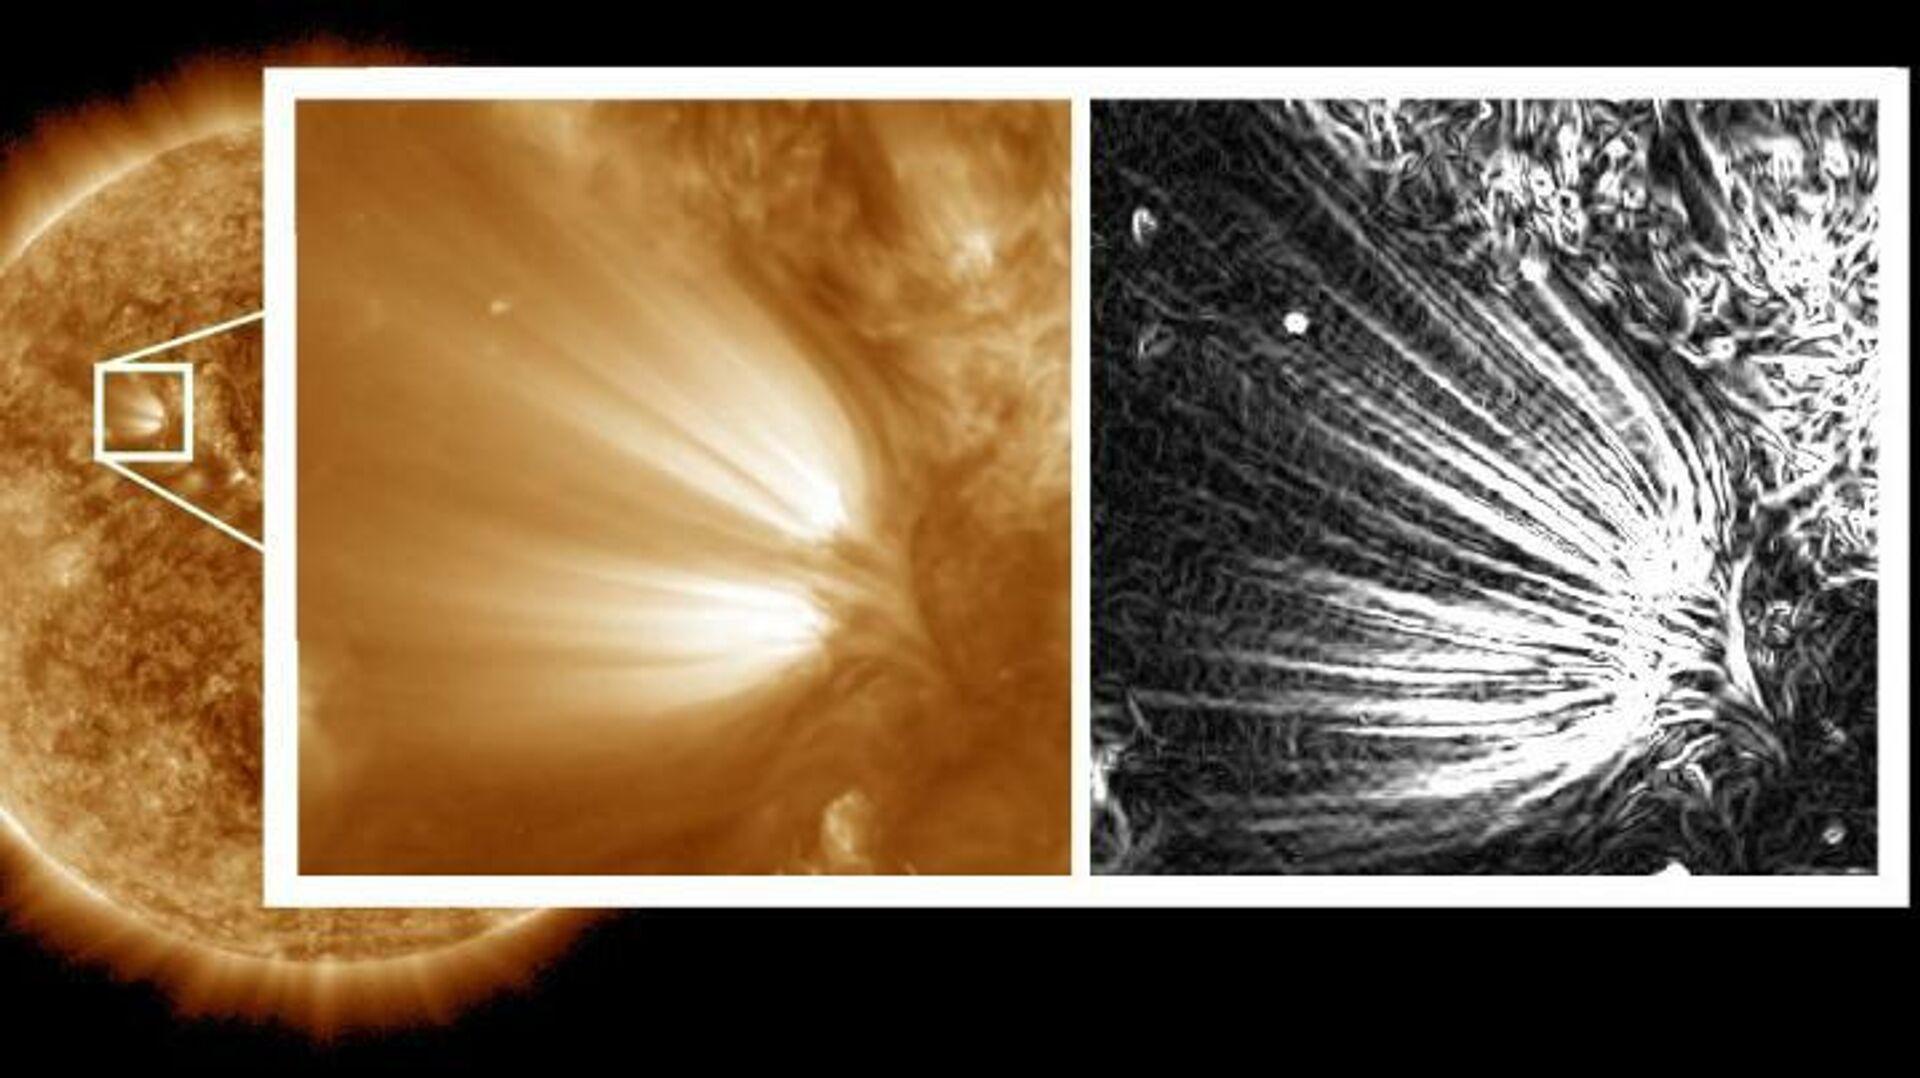 Внутренняя структура солнечных шлейфов, состоящих из нитевидных перьев - РИА Новости, 1920, 20.01.2021